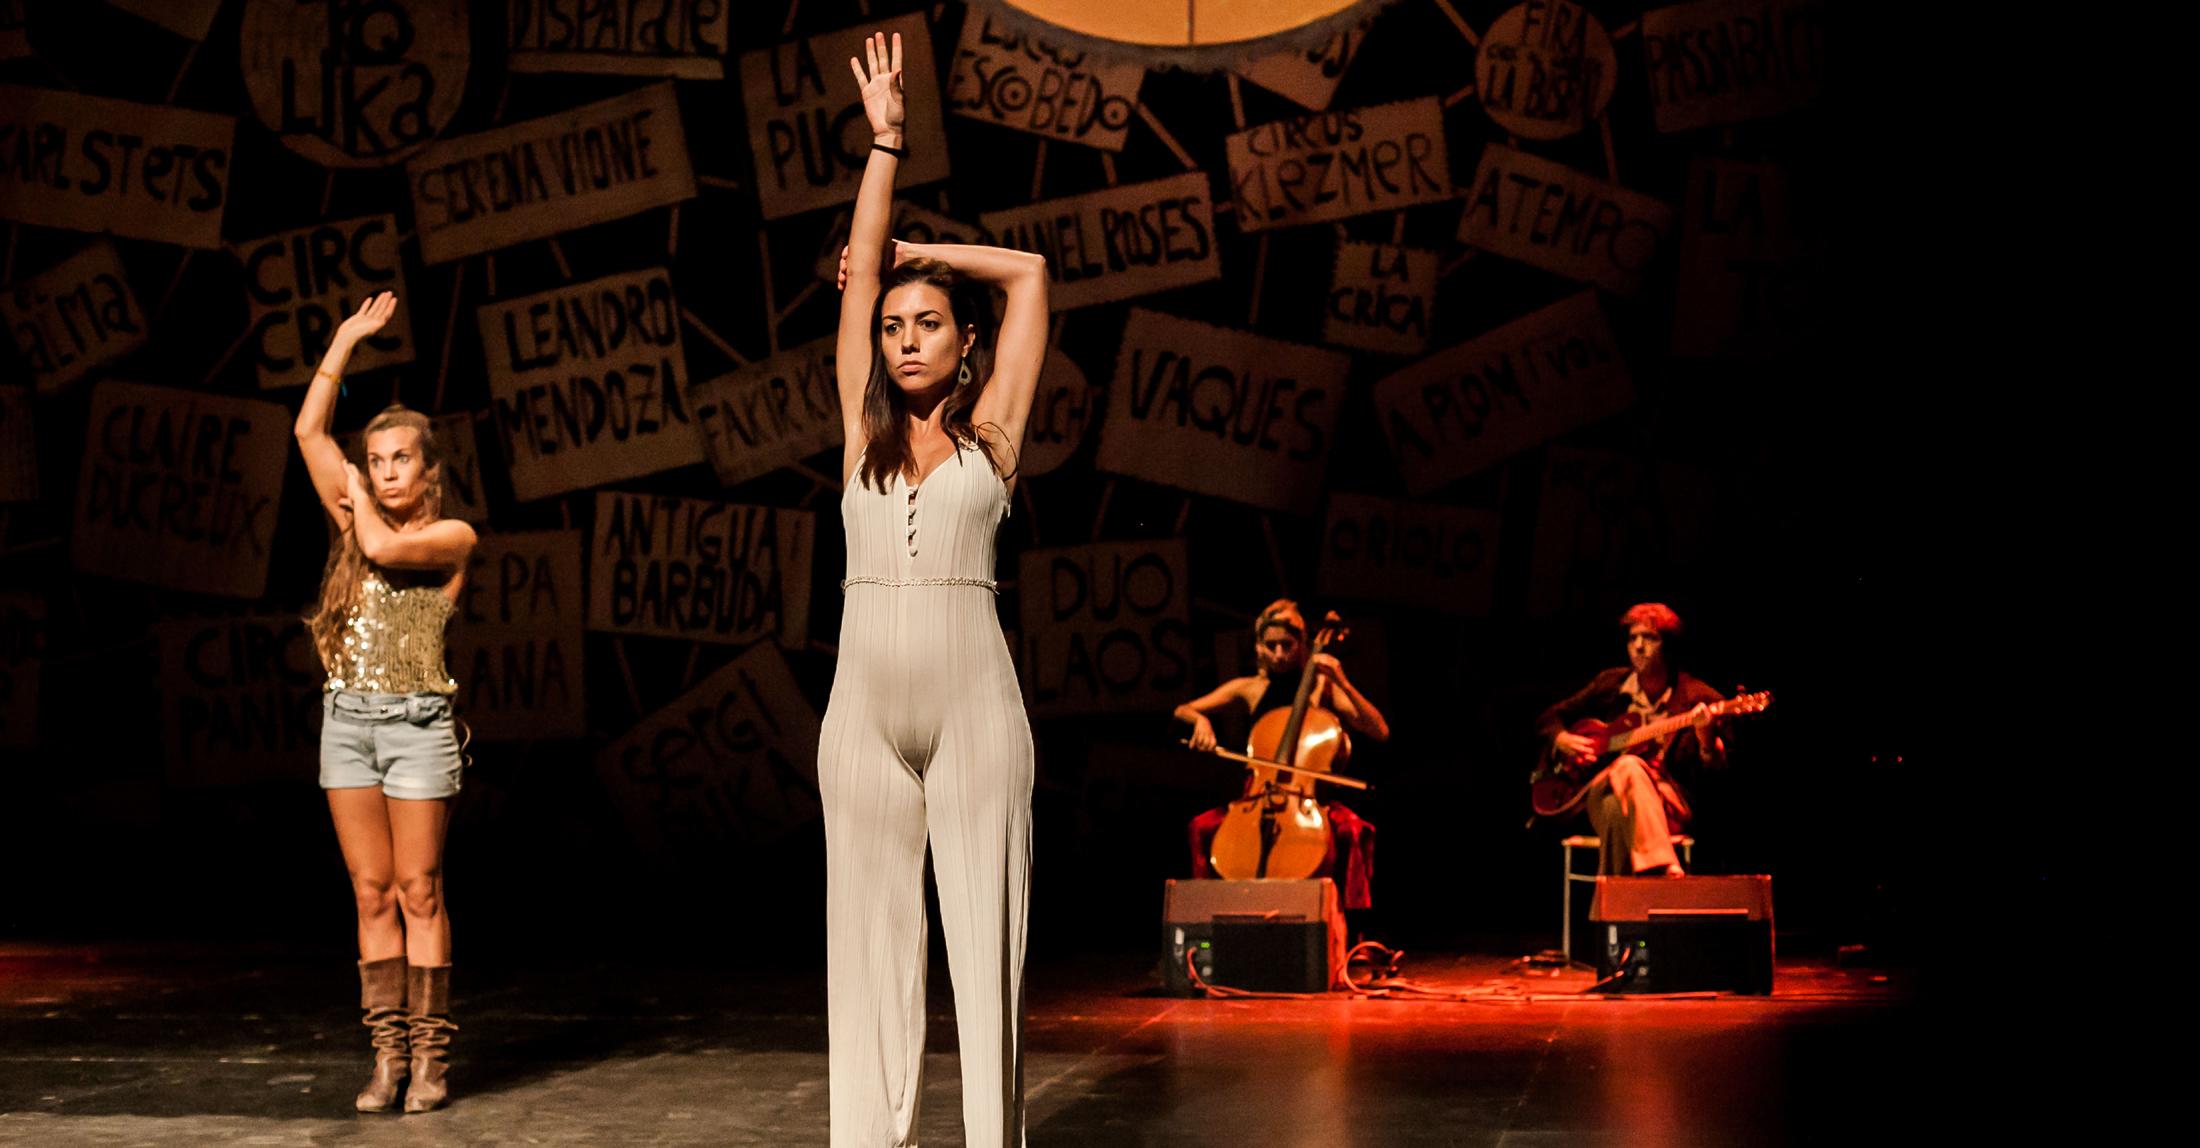 teatre_barcelona-nit_de_circ-revista_1